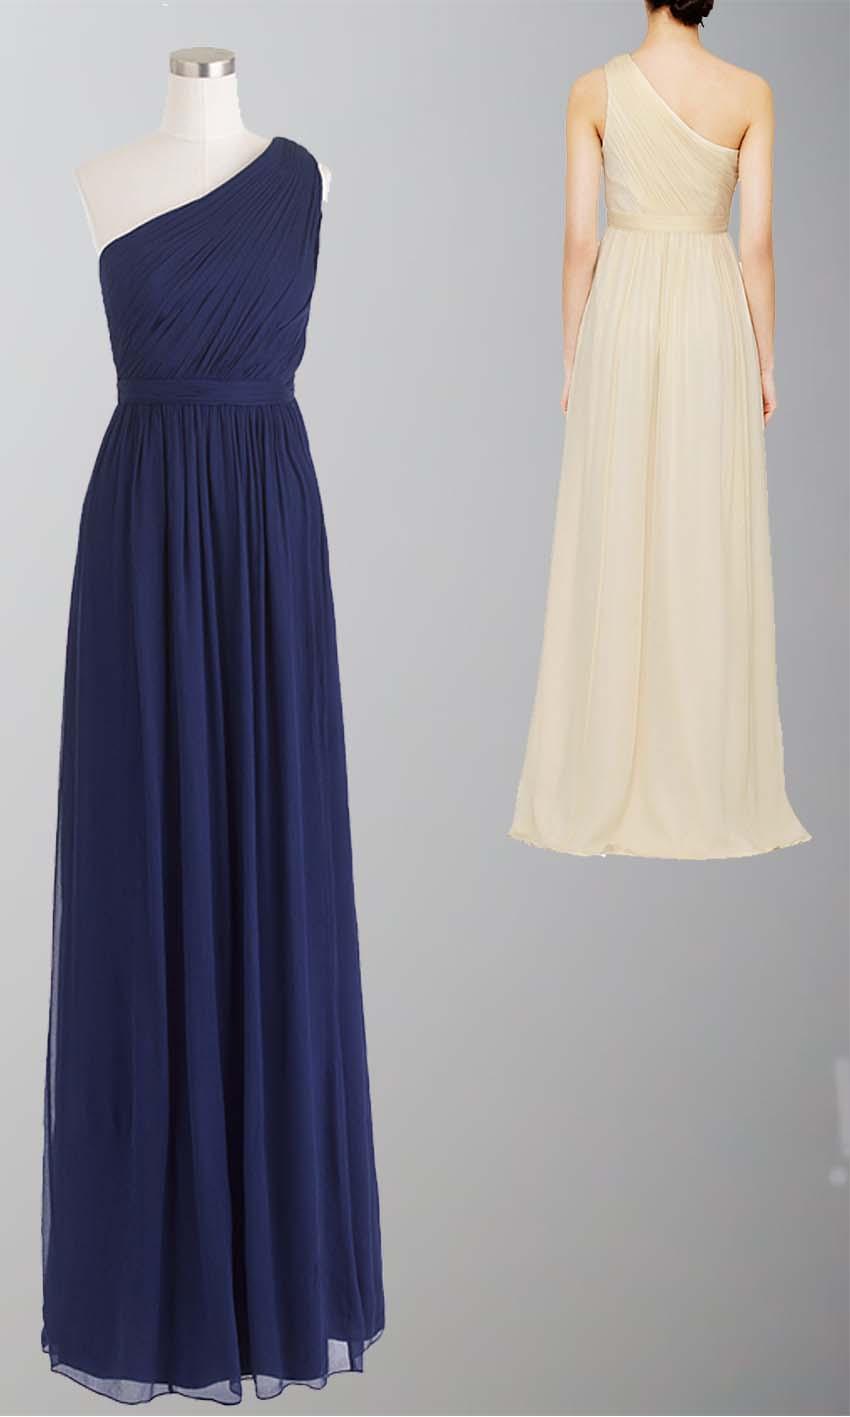 Navy Blue One Shoulder Bridesmaid Dress UK KSP335 [KSP335] - £92.00 ...